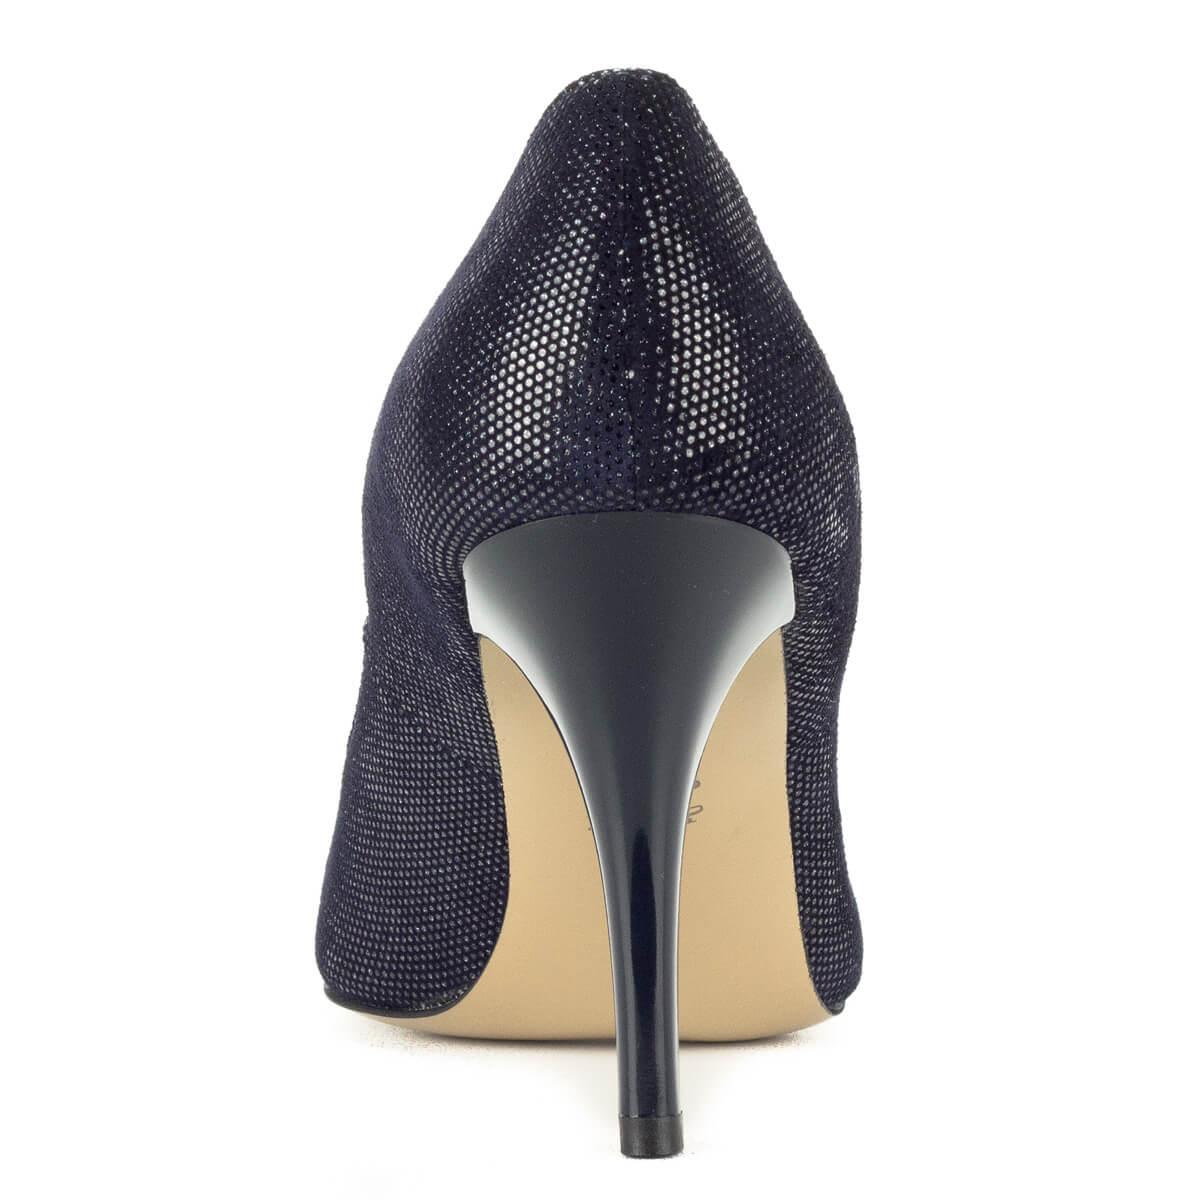 Bőrét apró ezüst minta  Anis kék-ezüst magassarkú női cipő 9 cm magasságú  sarokkal. Bőrét apró ezüst minta ... ab0461a097